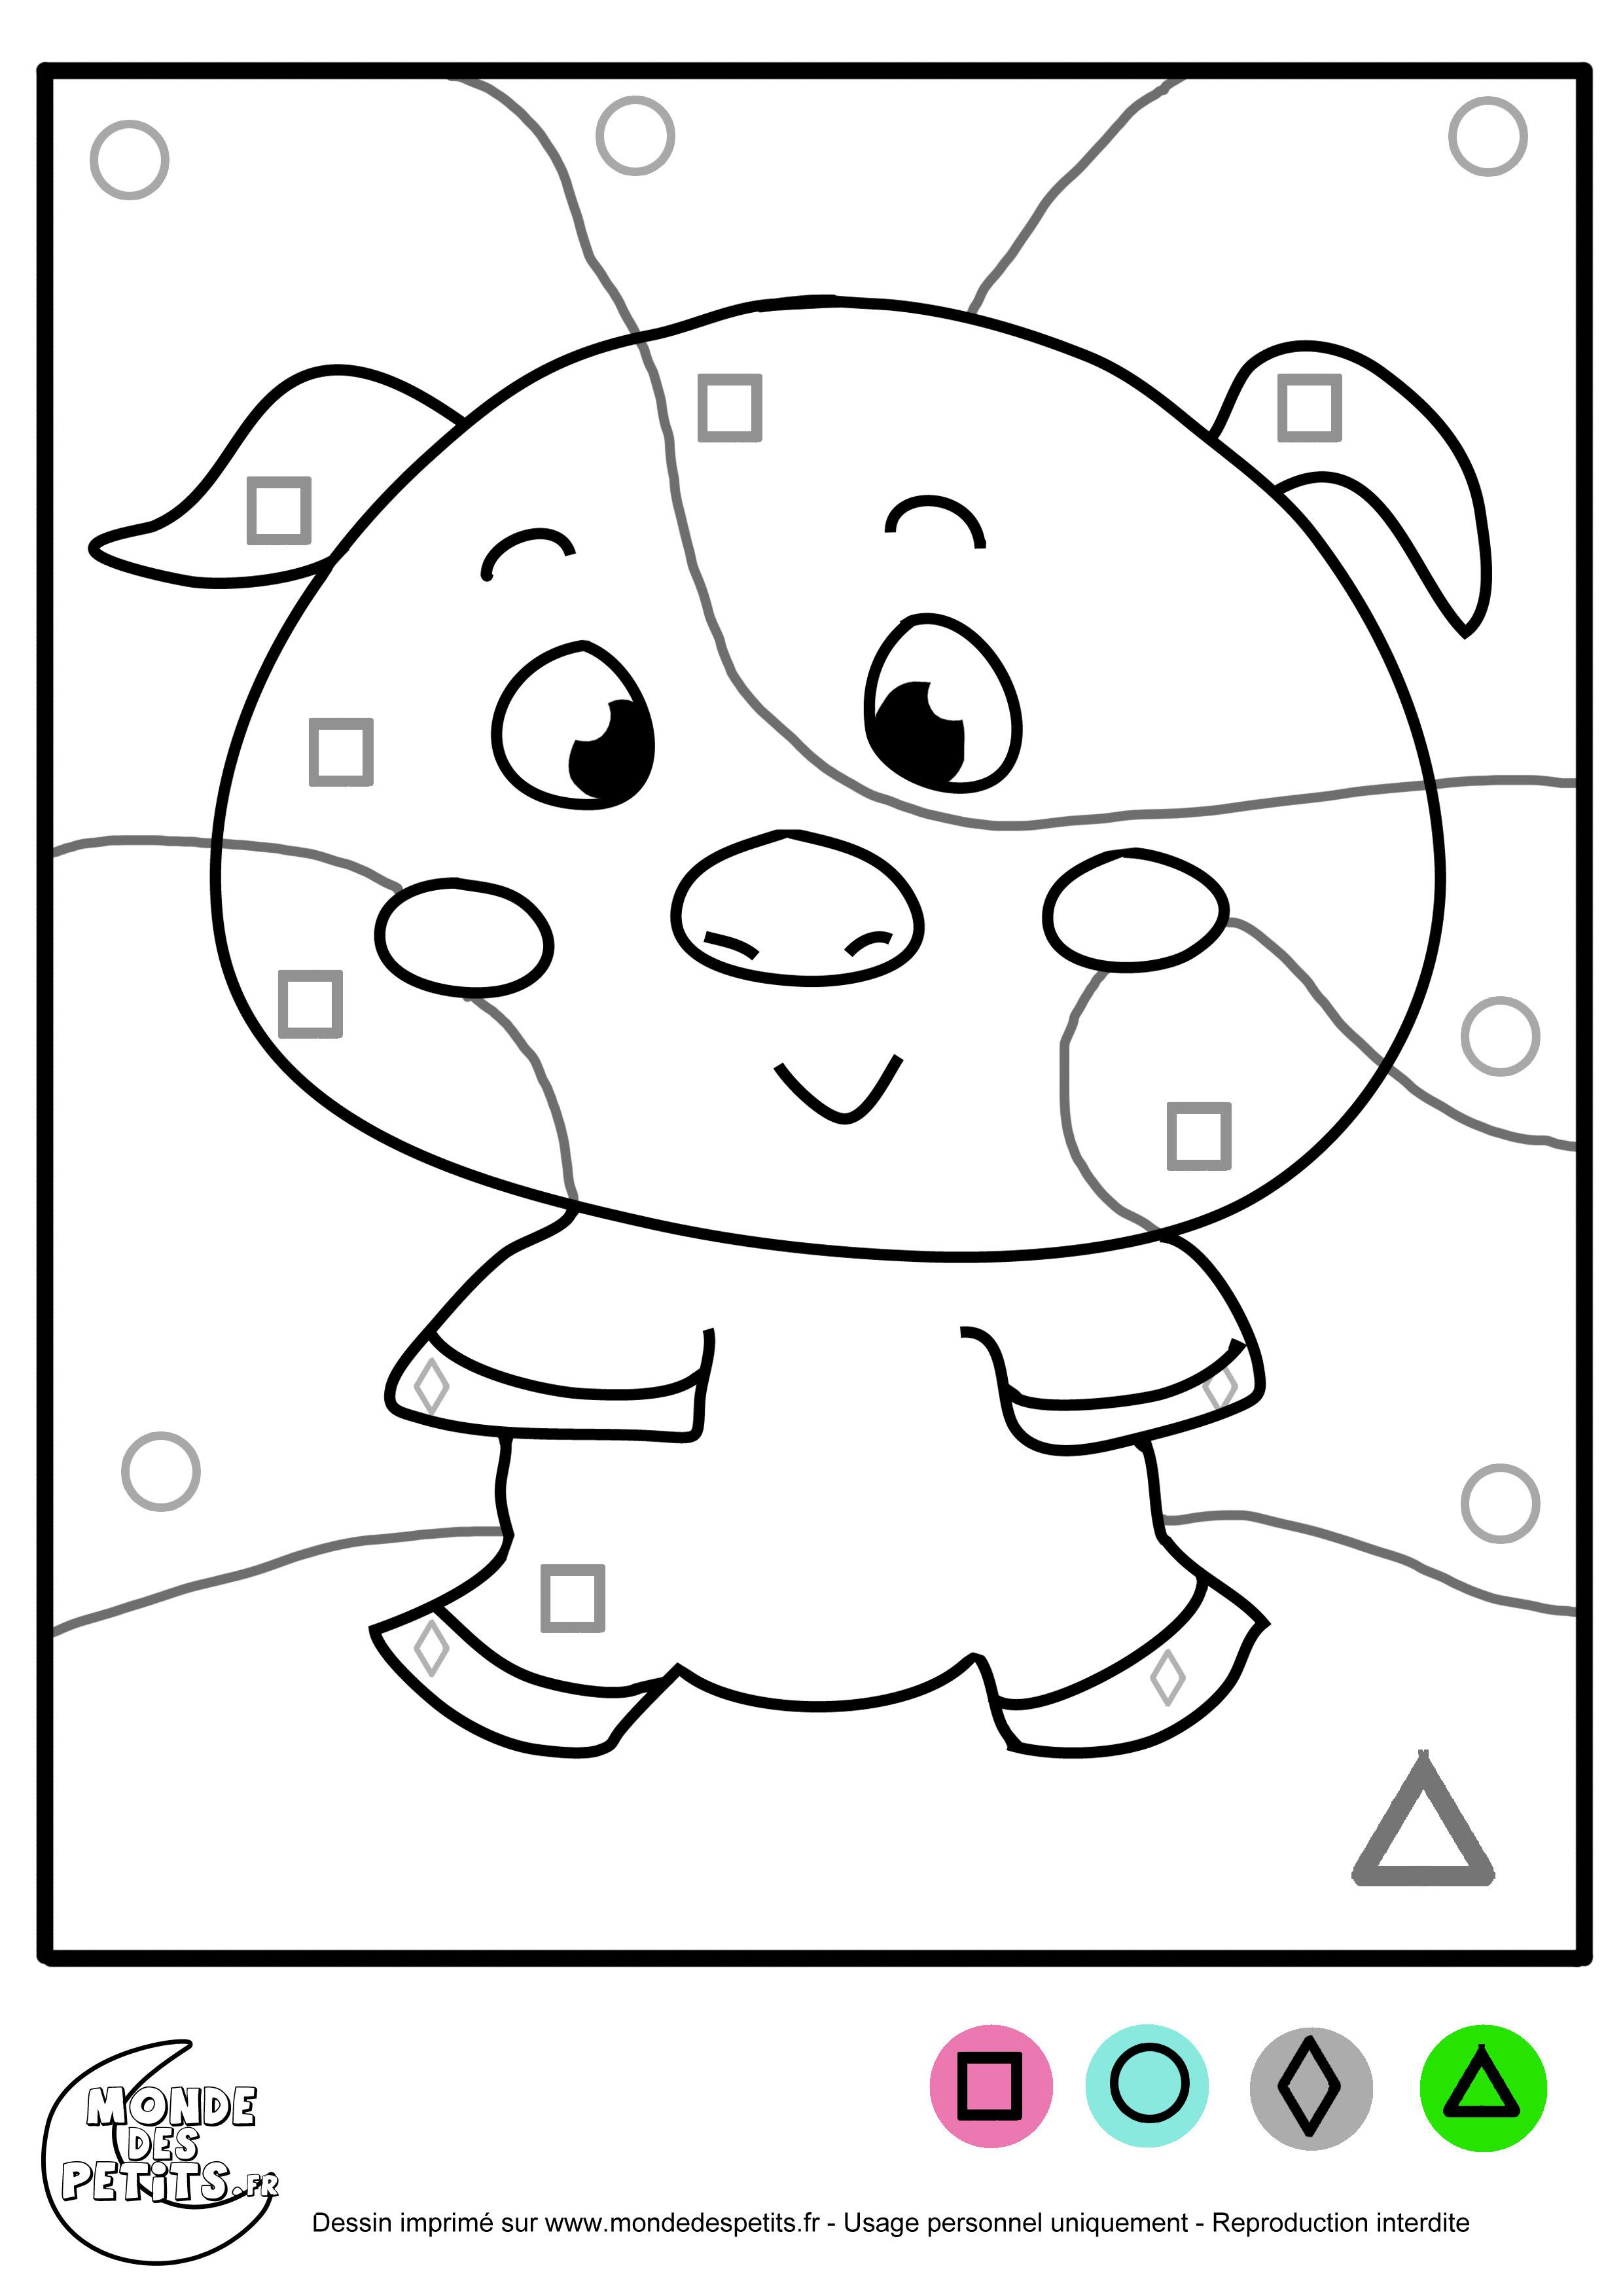 Coloriage204 coloriage magique pour maternelle - Coloriage avec des chiffres ...